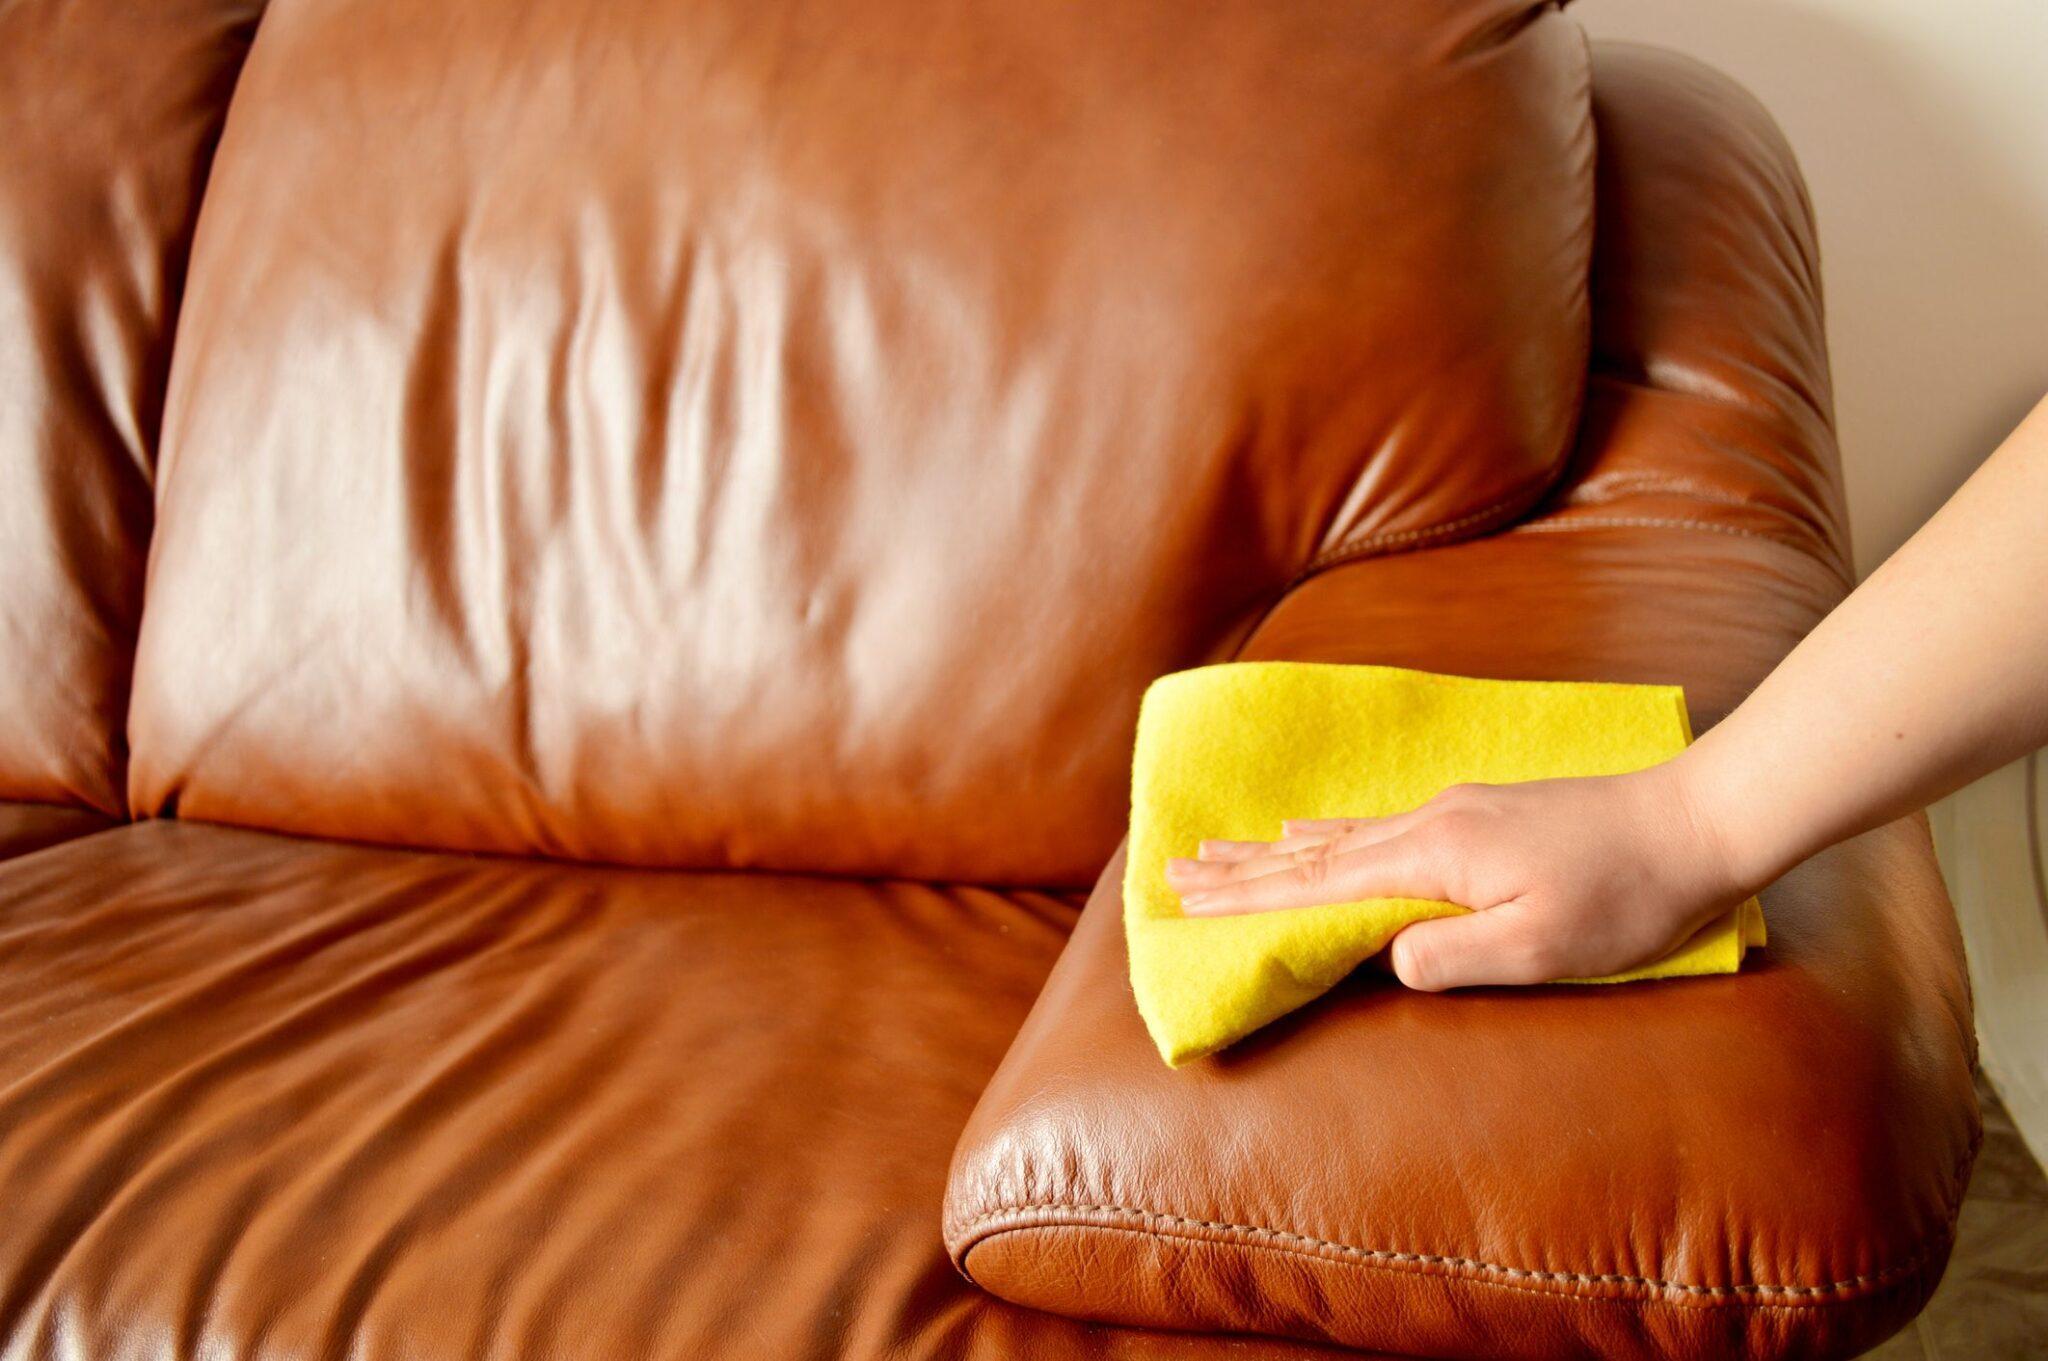 Πως να καθαρίσετε εύκολα την δερματίνη χωρίς να την καταστρέψετε